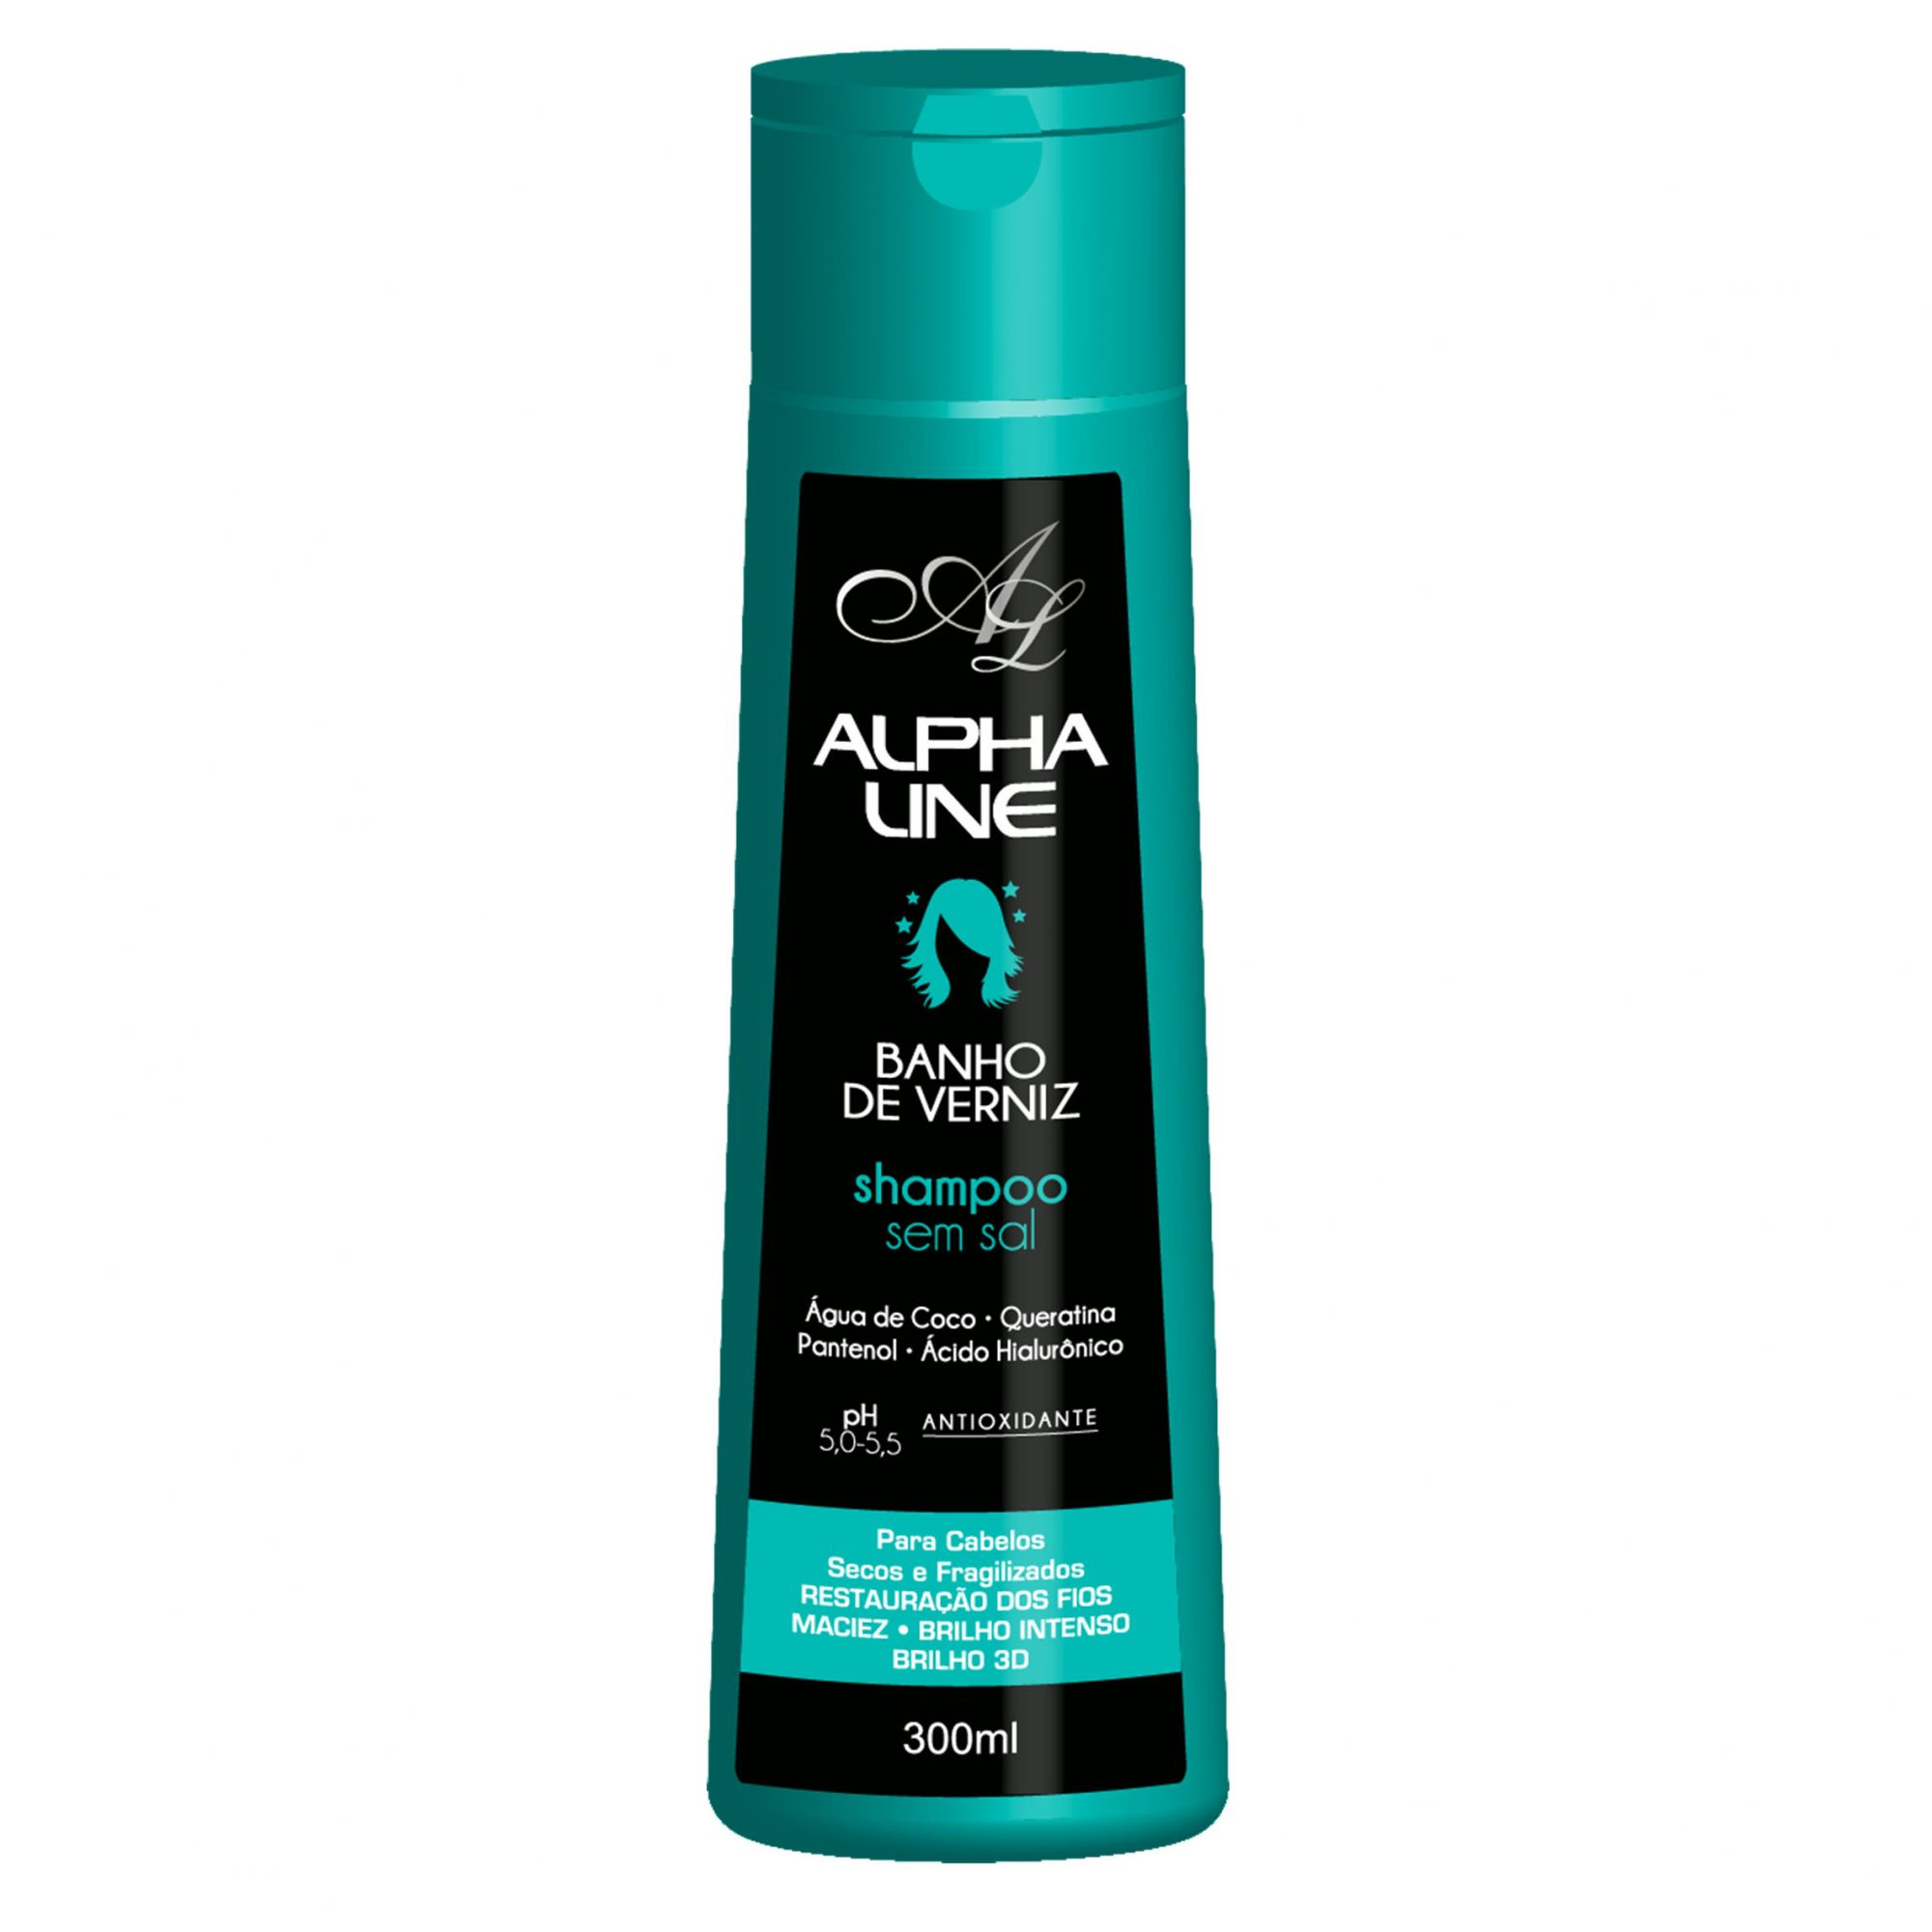 Shampoo Banho de Verniz 300ml Alpha Line